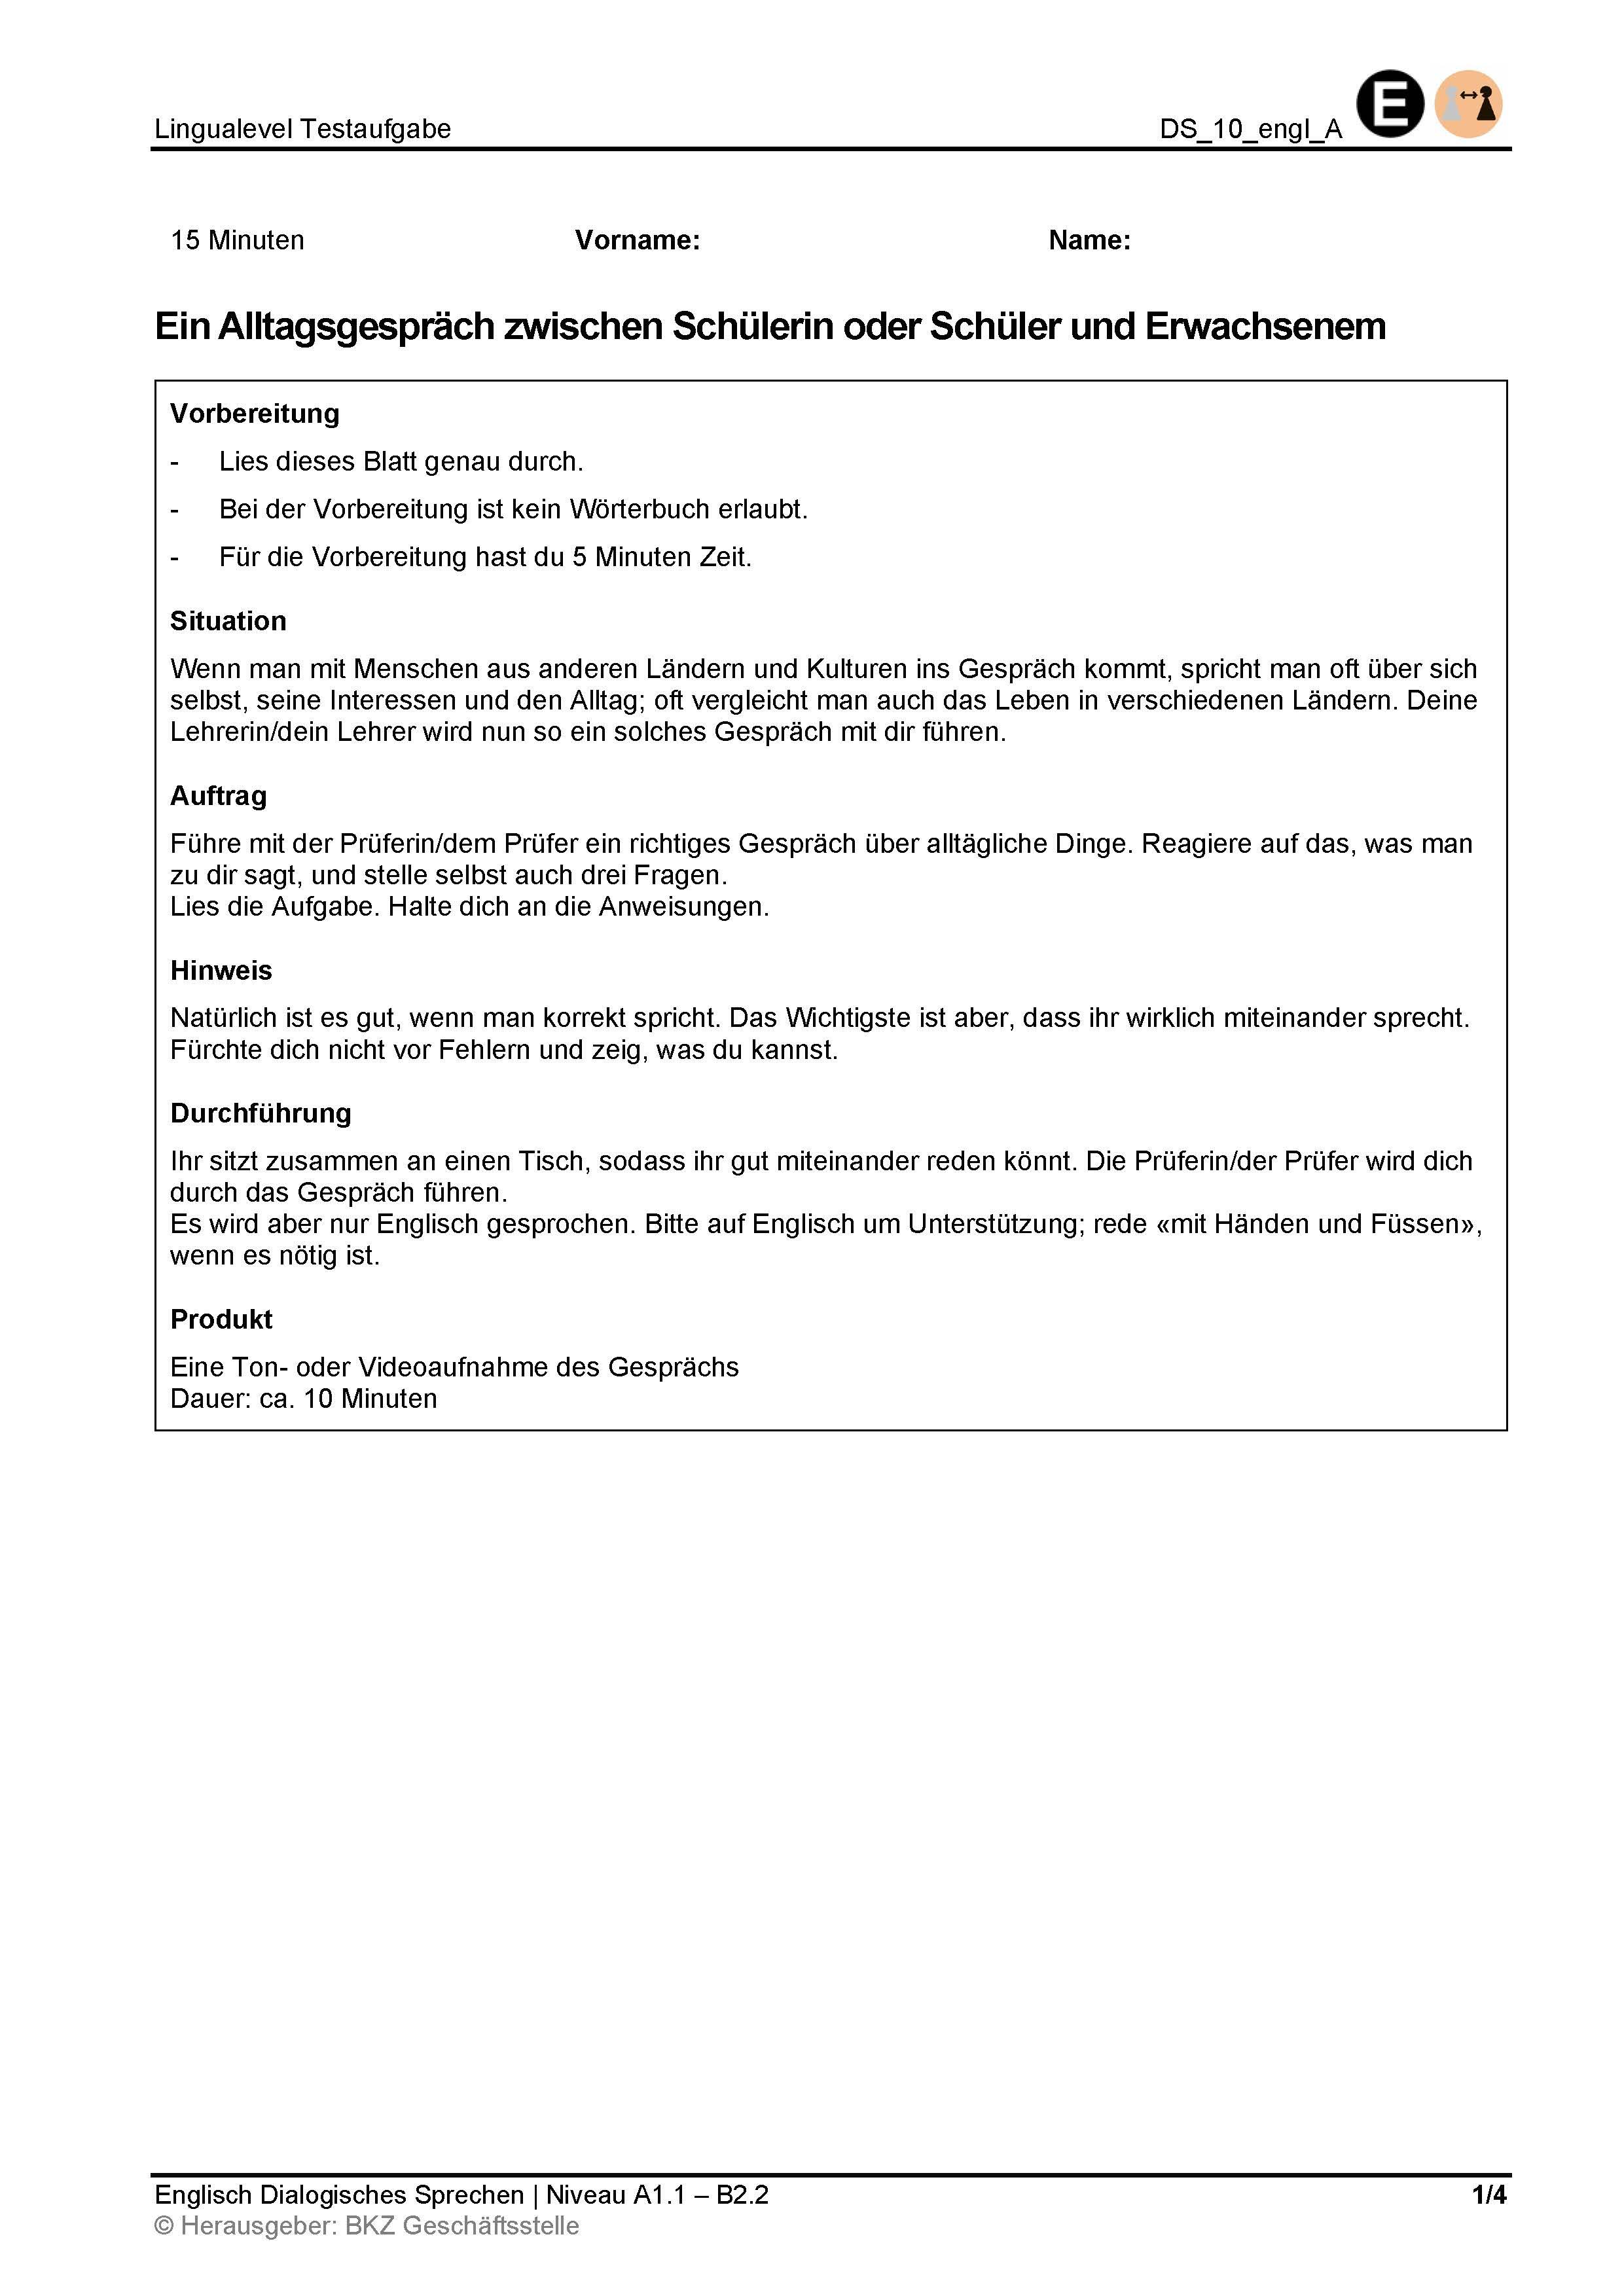 Preview image for LOM object Dialogisches Sprechen: Ein Alltagsgespräch zwischen Schülerin oder Schüler und Erwachsenem